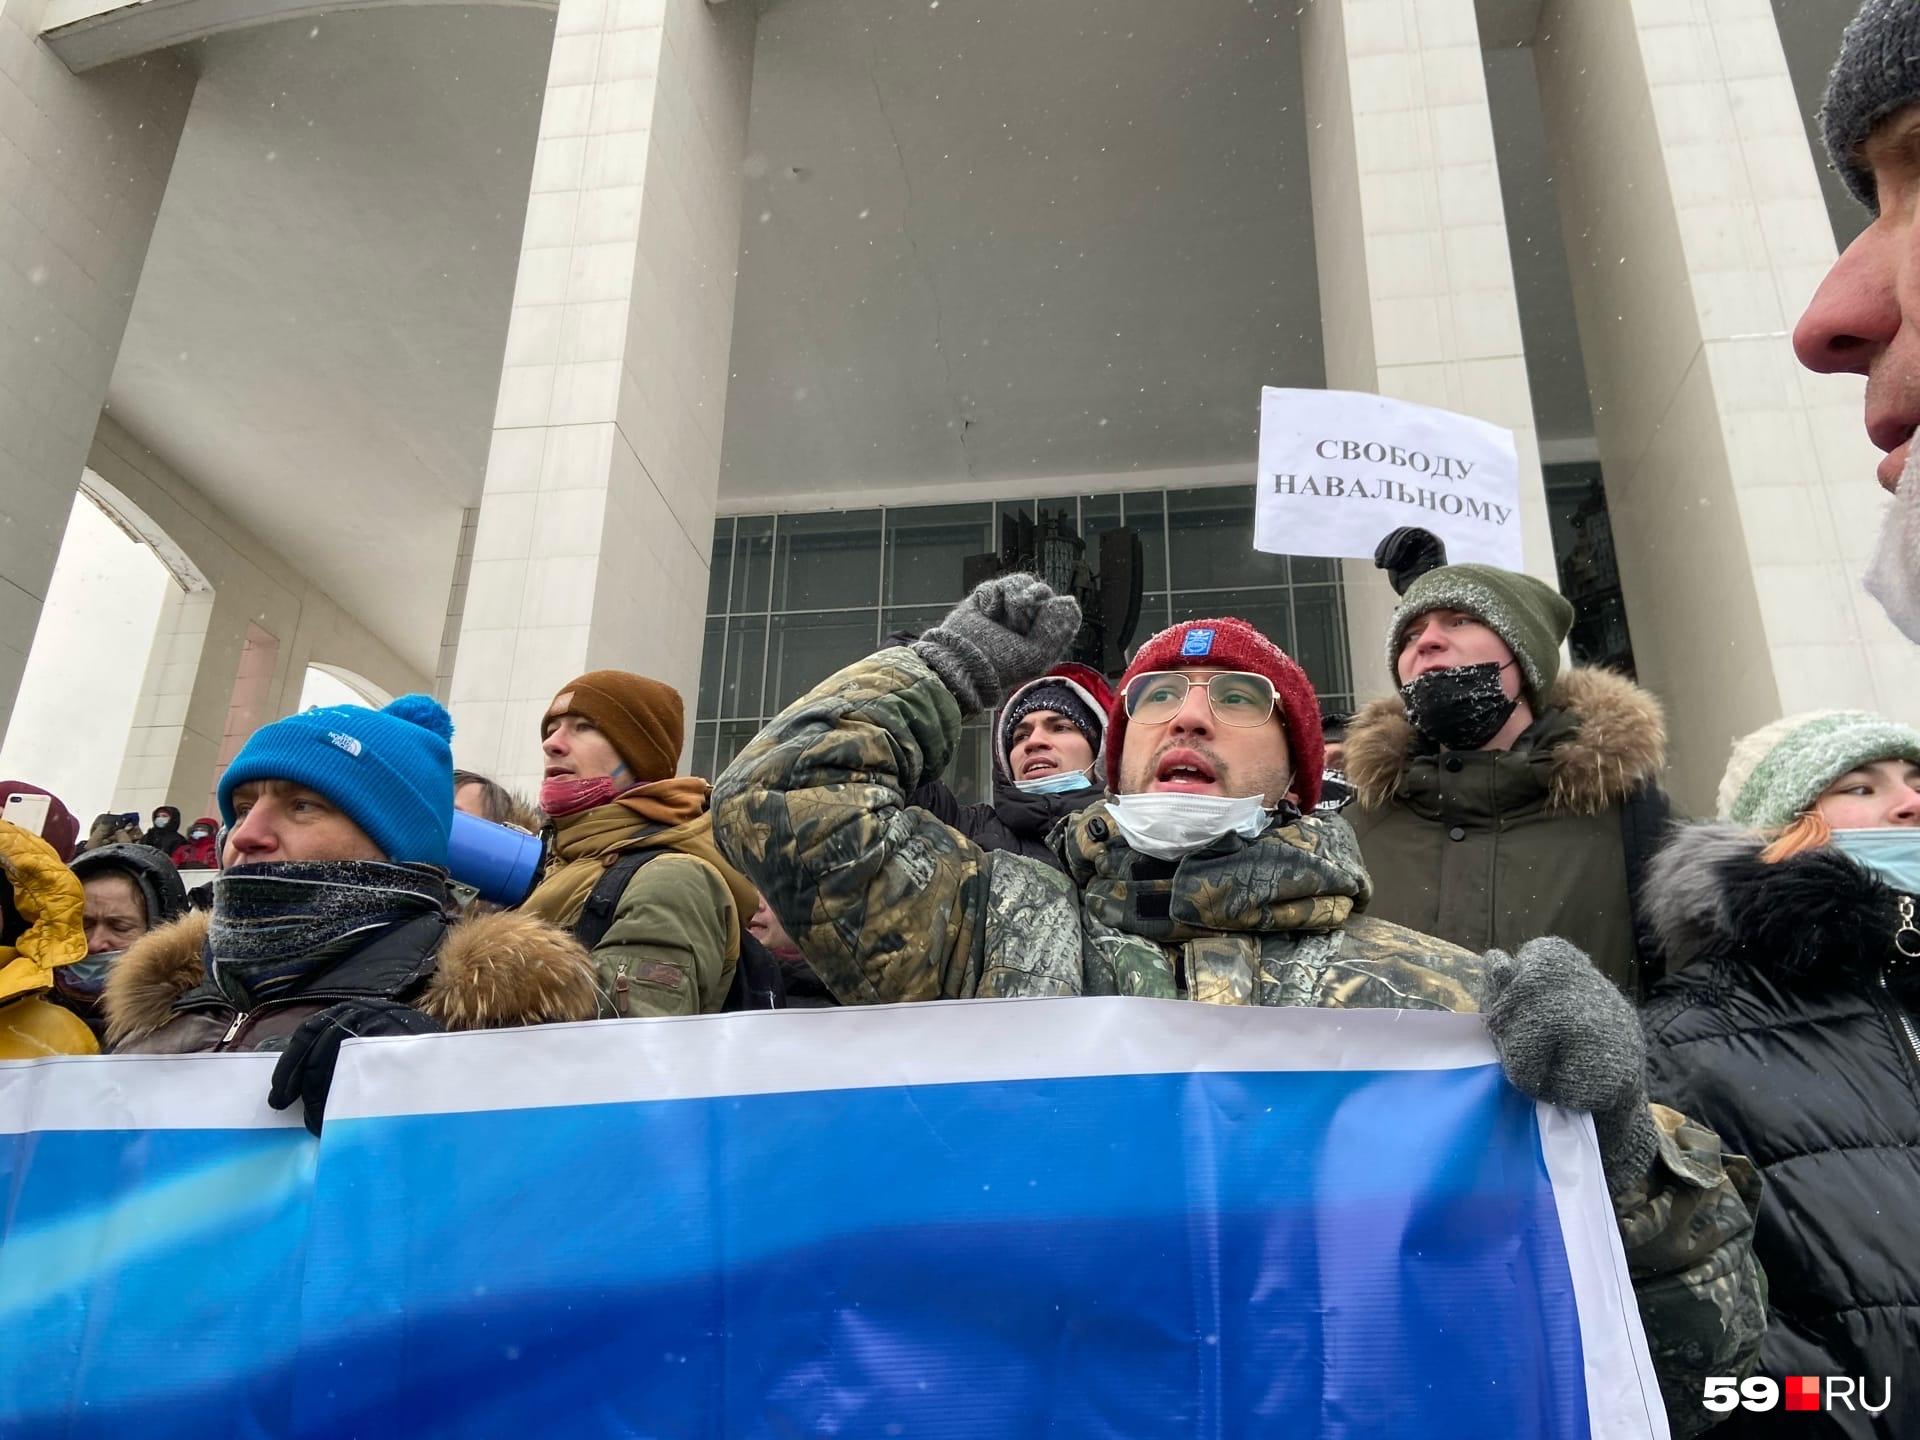 Во время акции люди поддерживали Навального, но отмечали, что вышли не столько ради него, сколько ради себя